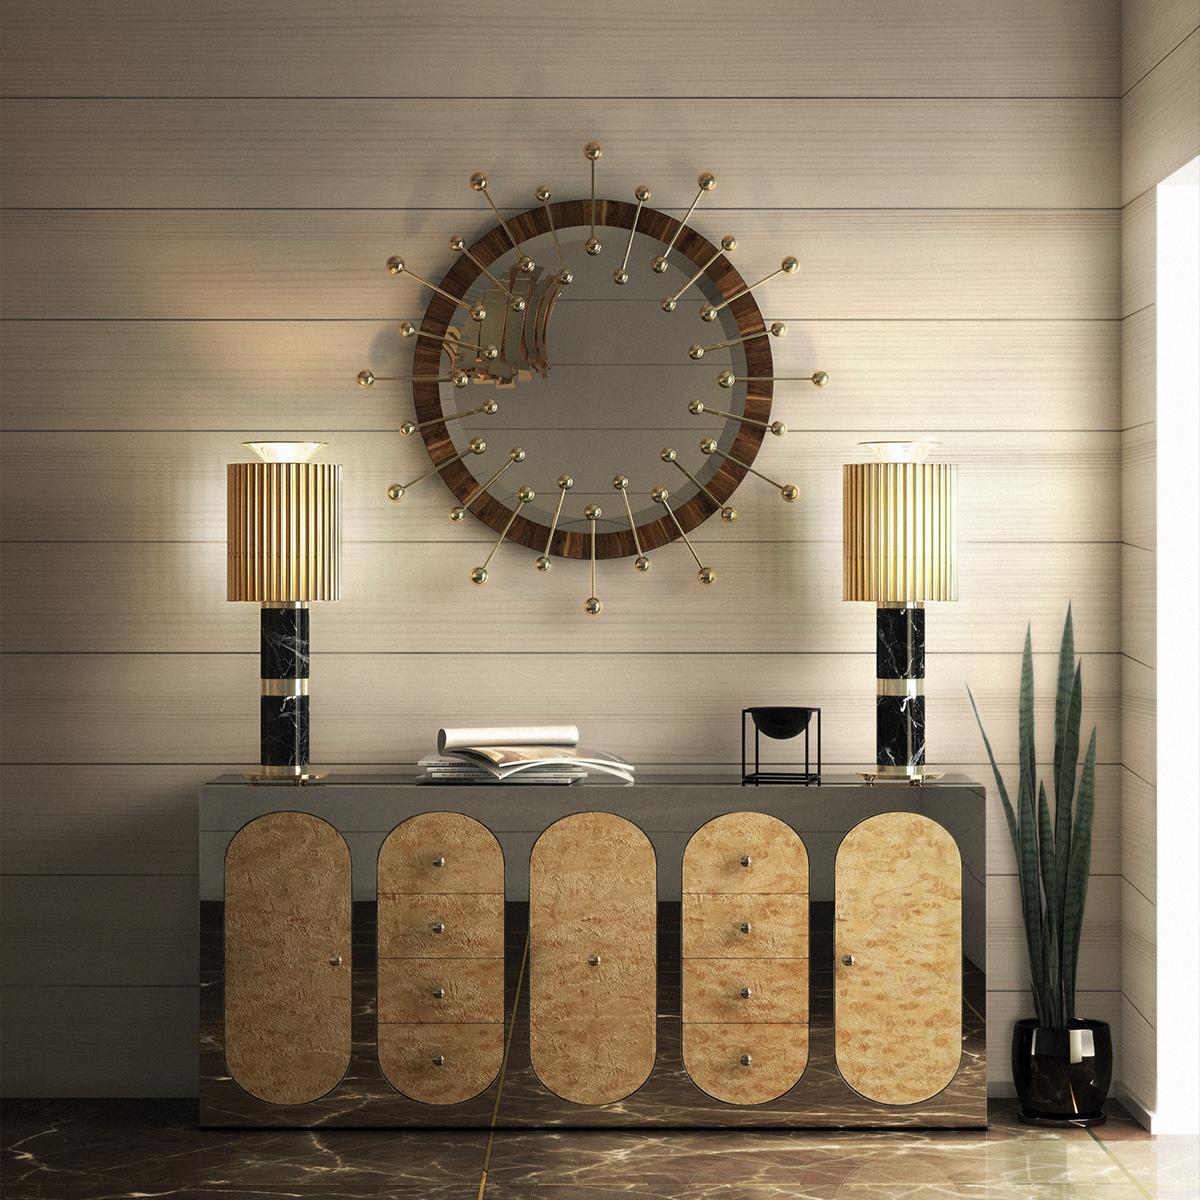 Lámparas de Mesa: Piezas poderosas para un proyecto elegante lámparas de mesa Lámparas de Mesa: Piezas poderosas para un proyecto elegante DELIGHTFULL DONNA TABLE LAMP